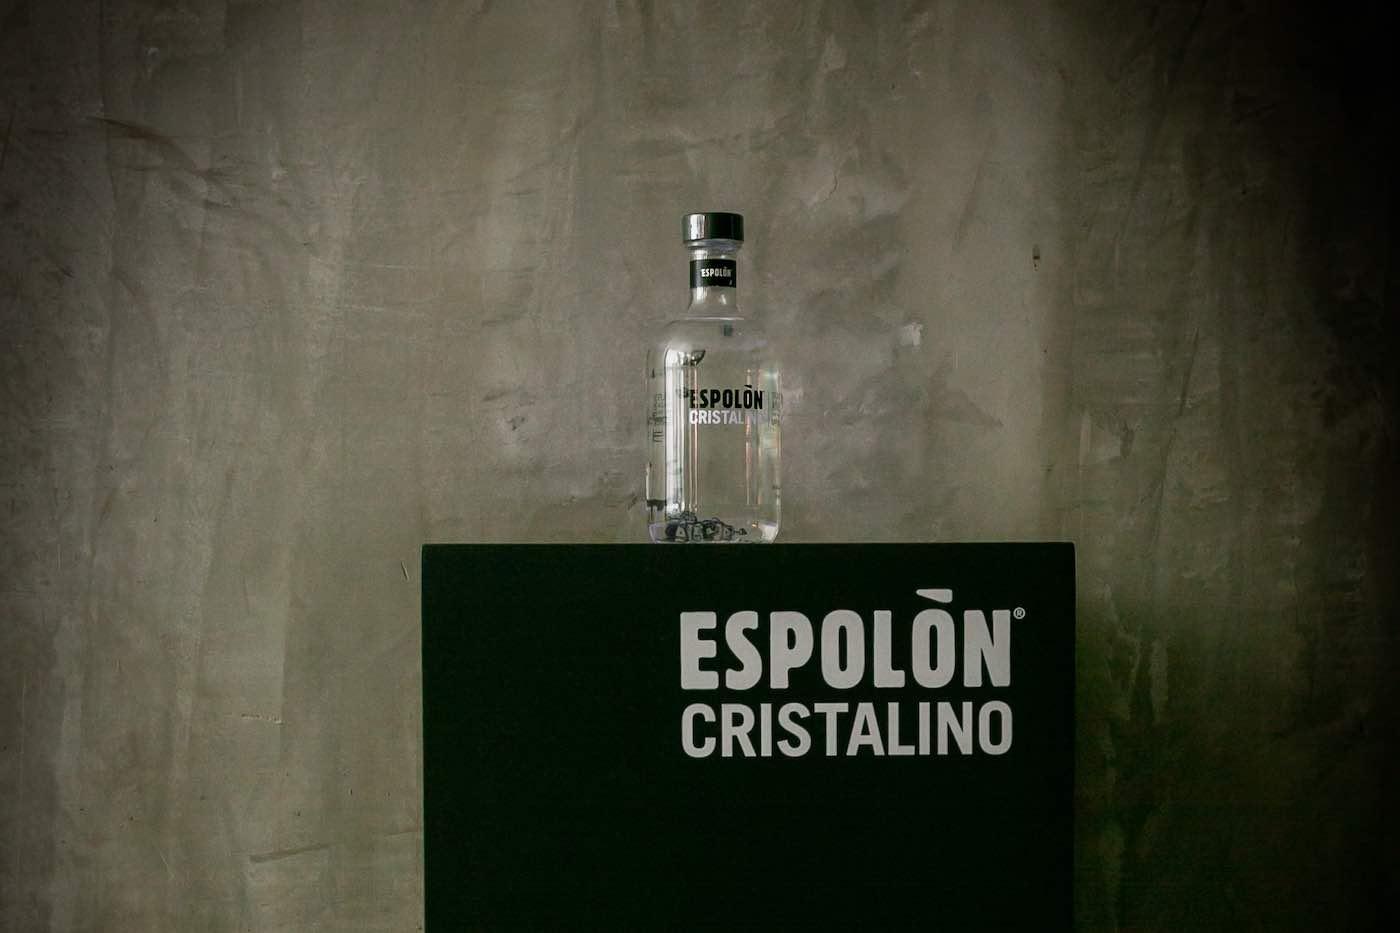 Conoce el nuevo Tequila Espolón Cristalino.